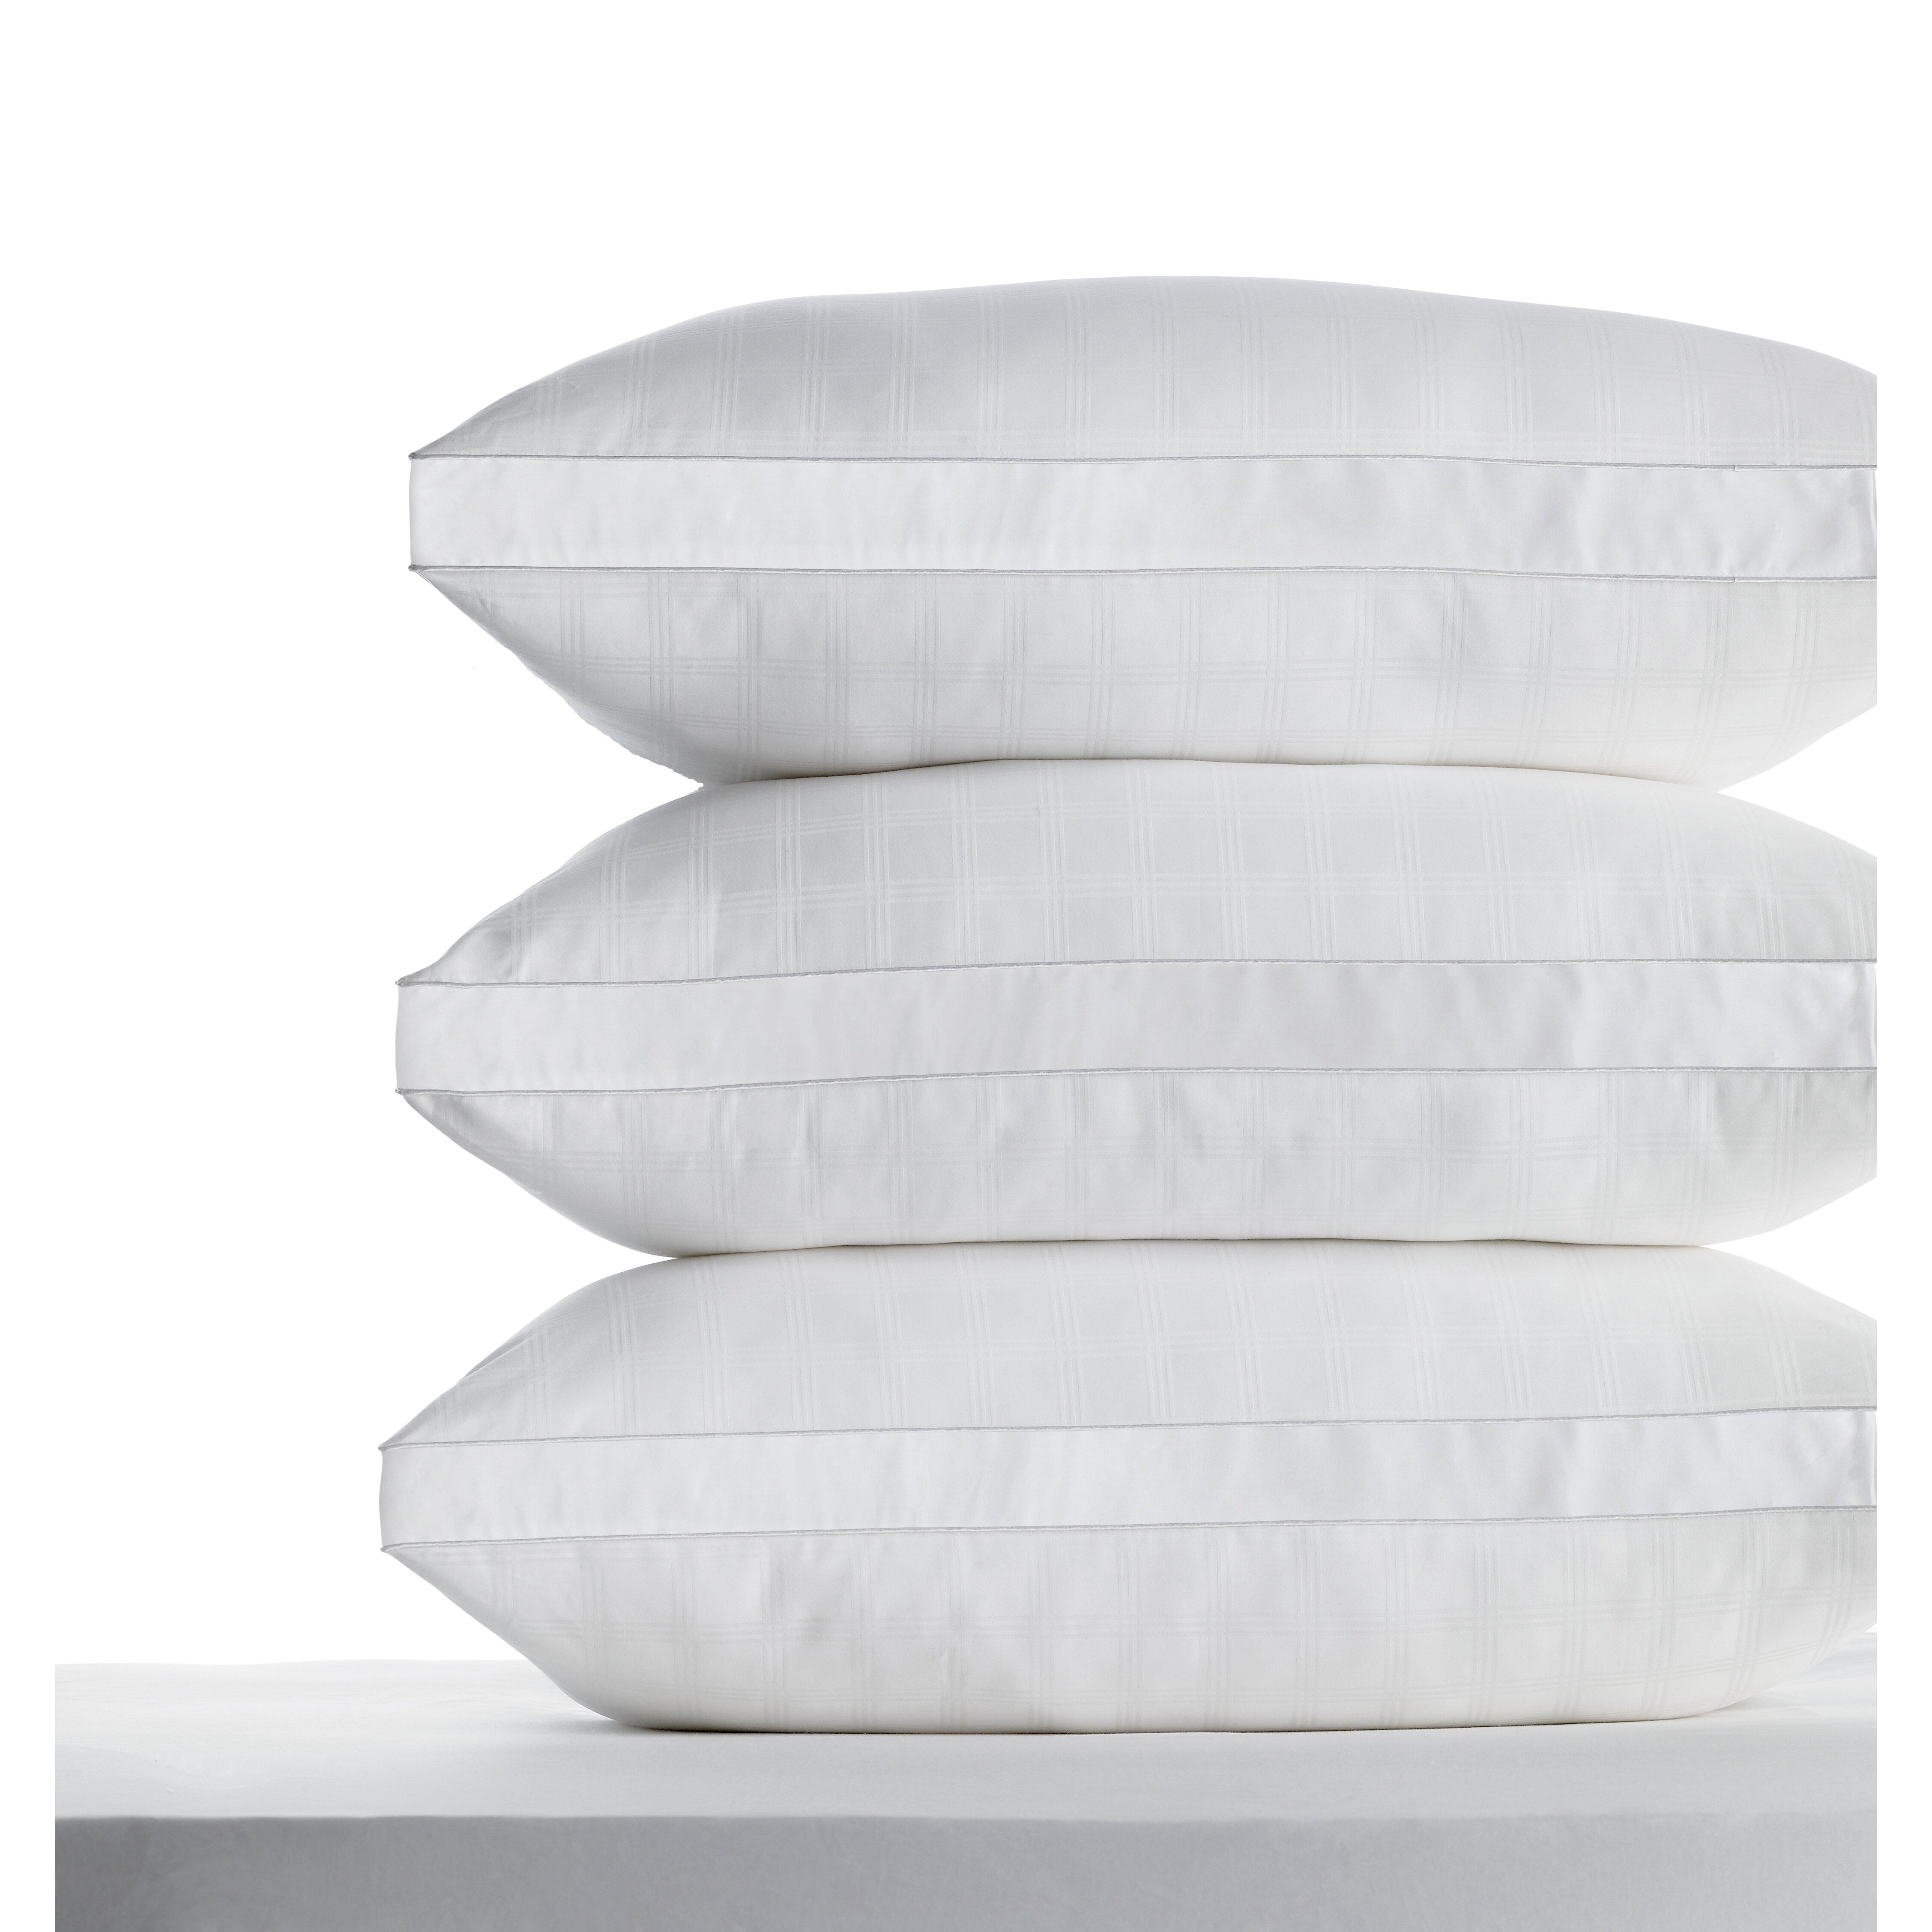 Lc Modern Classics Trilogy Pillow : LC Modern Classics Memory Fiber Pillow Wayfair